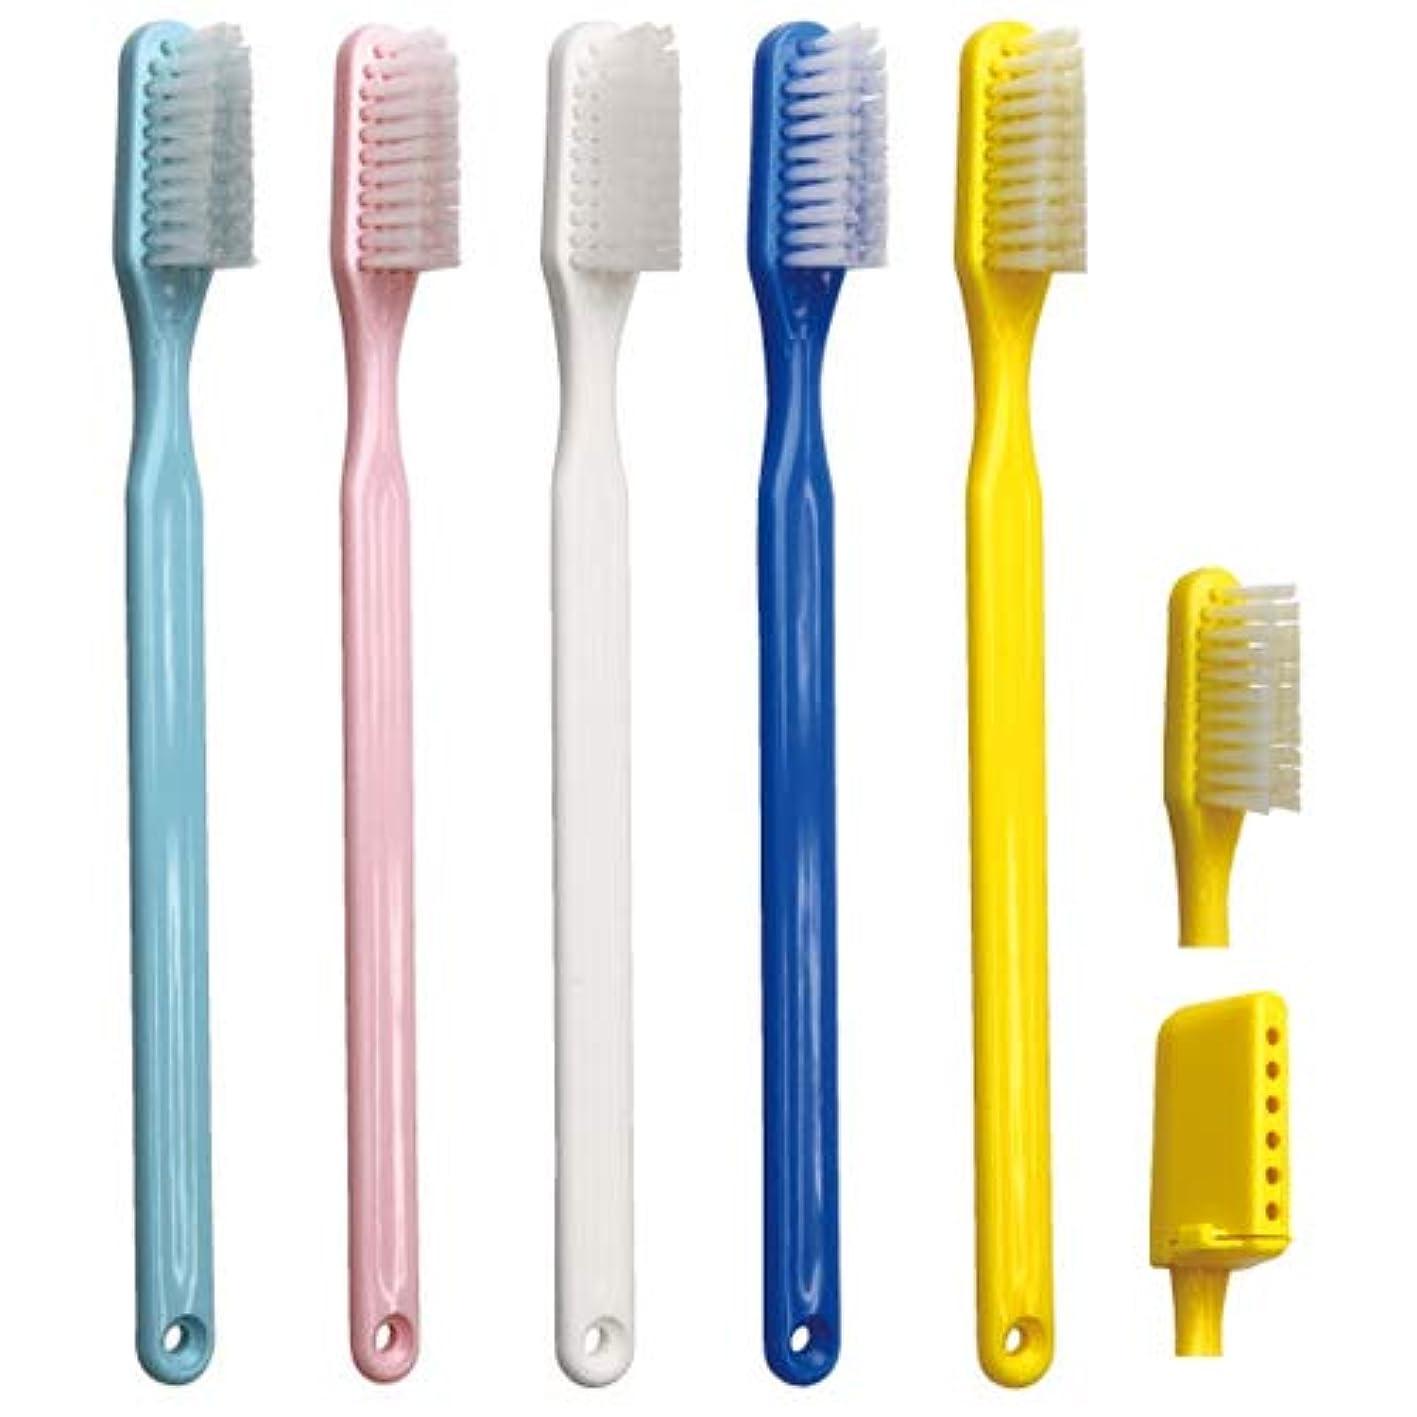 おもてなし壁紙うめき歯科医院専用商品 PHB 歯ブラシ アダルト5本セット( 歯ブラシキャップ付)ライトブルー?ピンク?ホワイト?ネオンブルー?イエロー